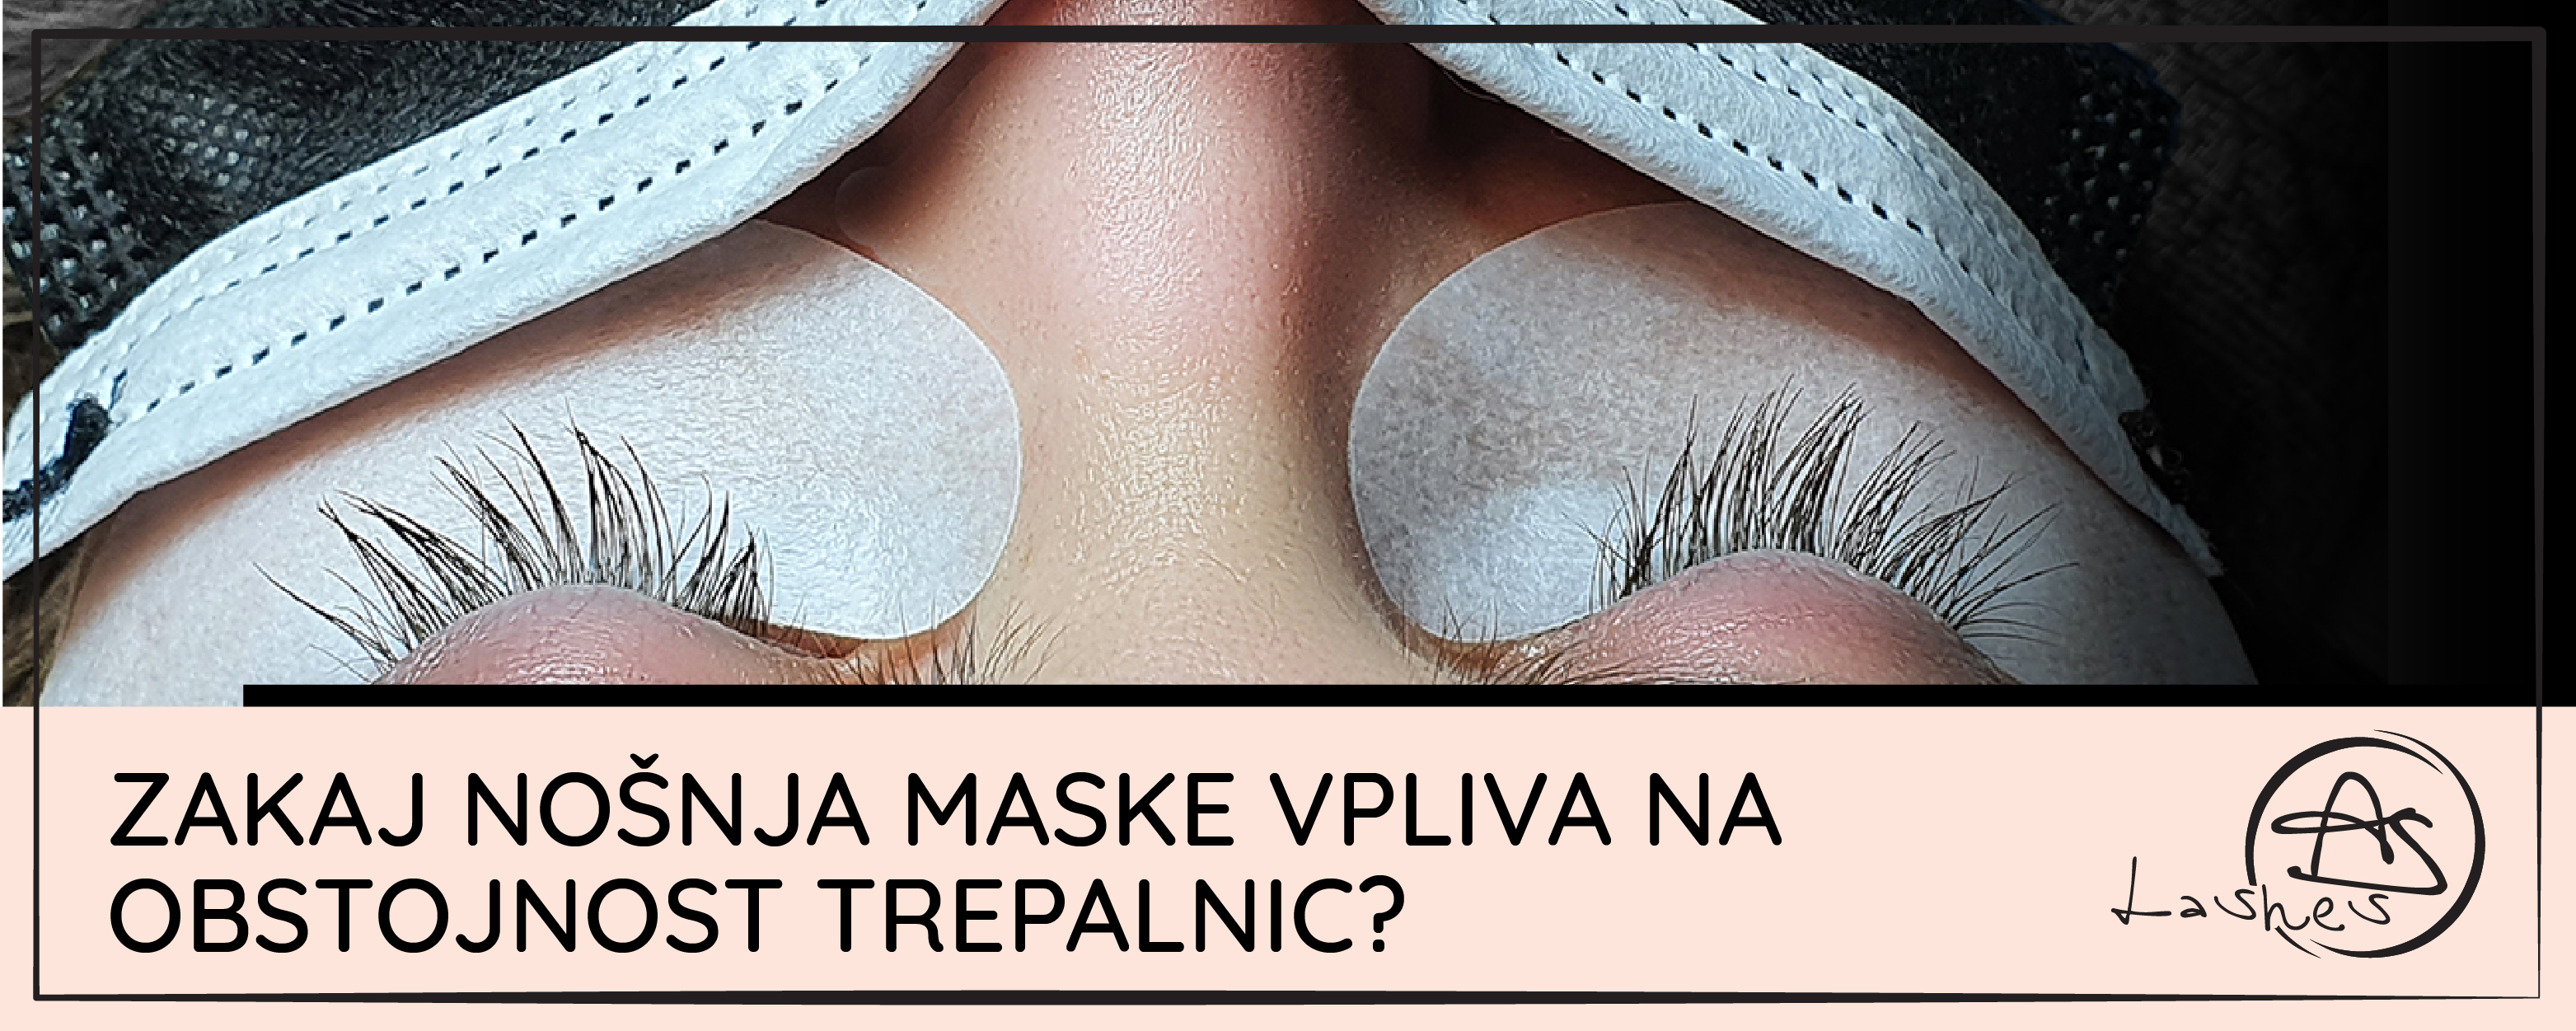 Zakaj nošenje maske povzroča težave z obstojnostju podaljšanih trepalnic?